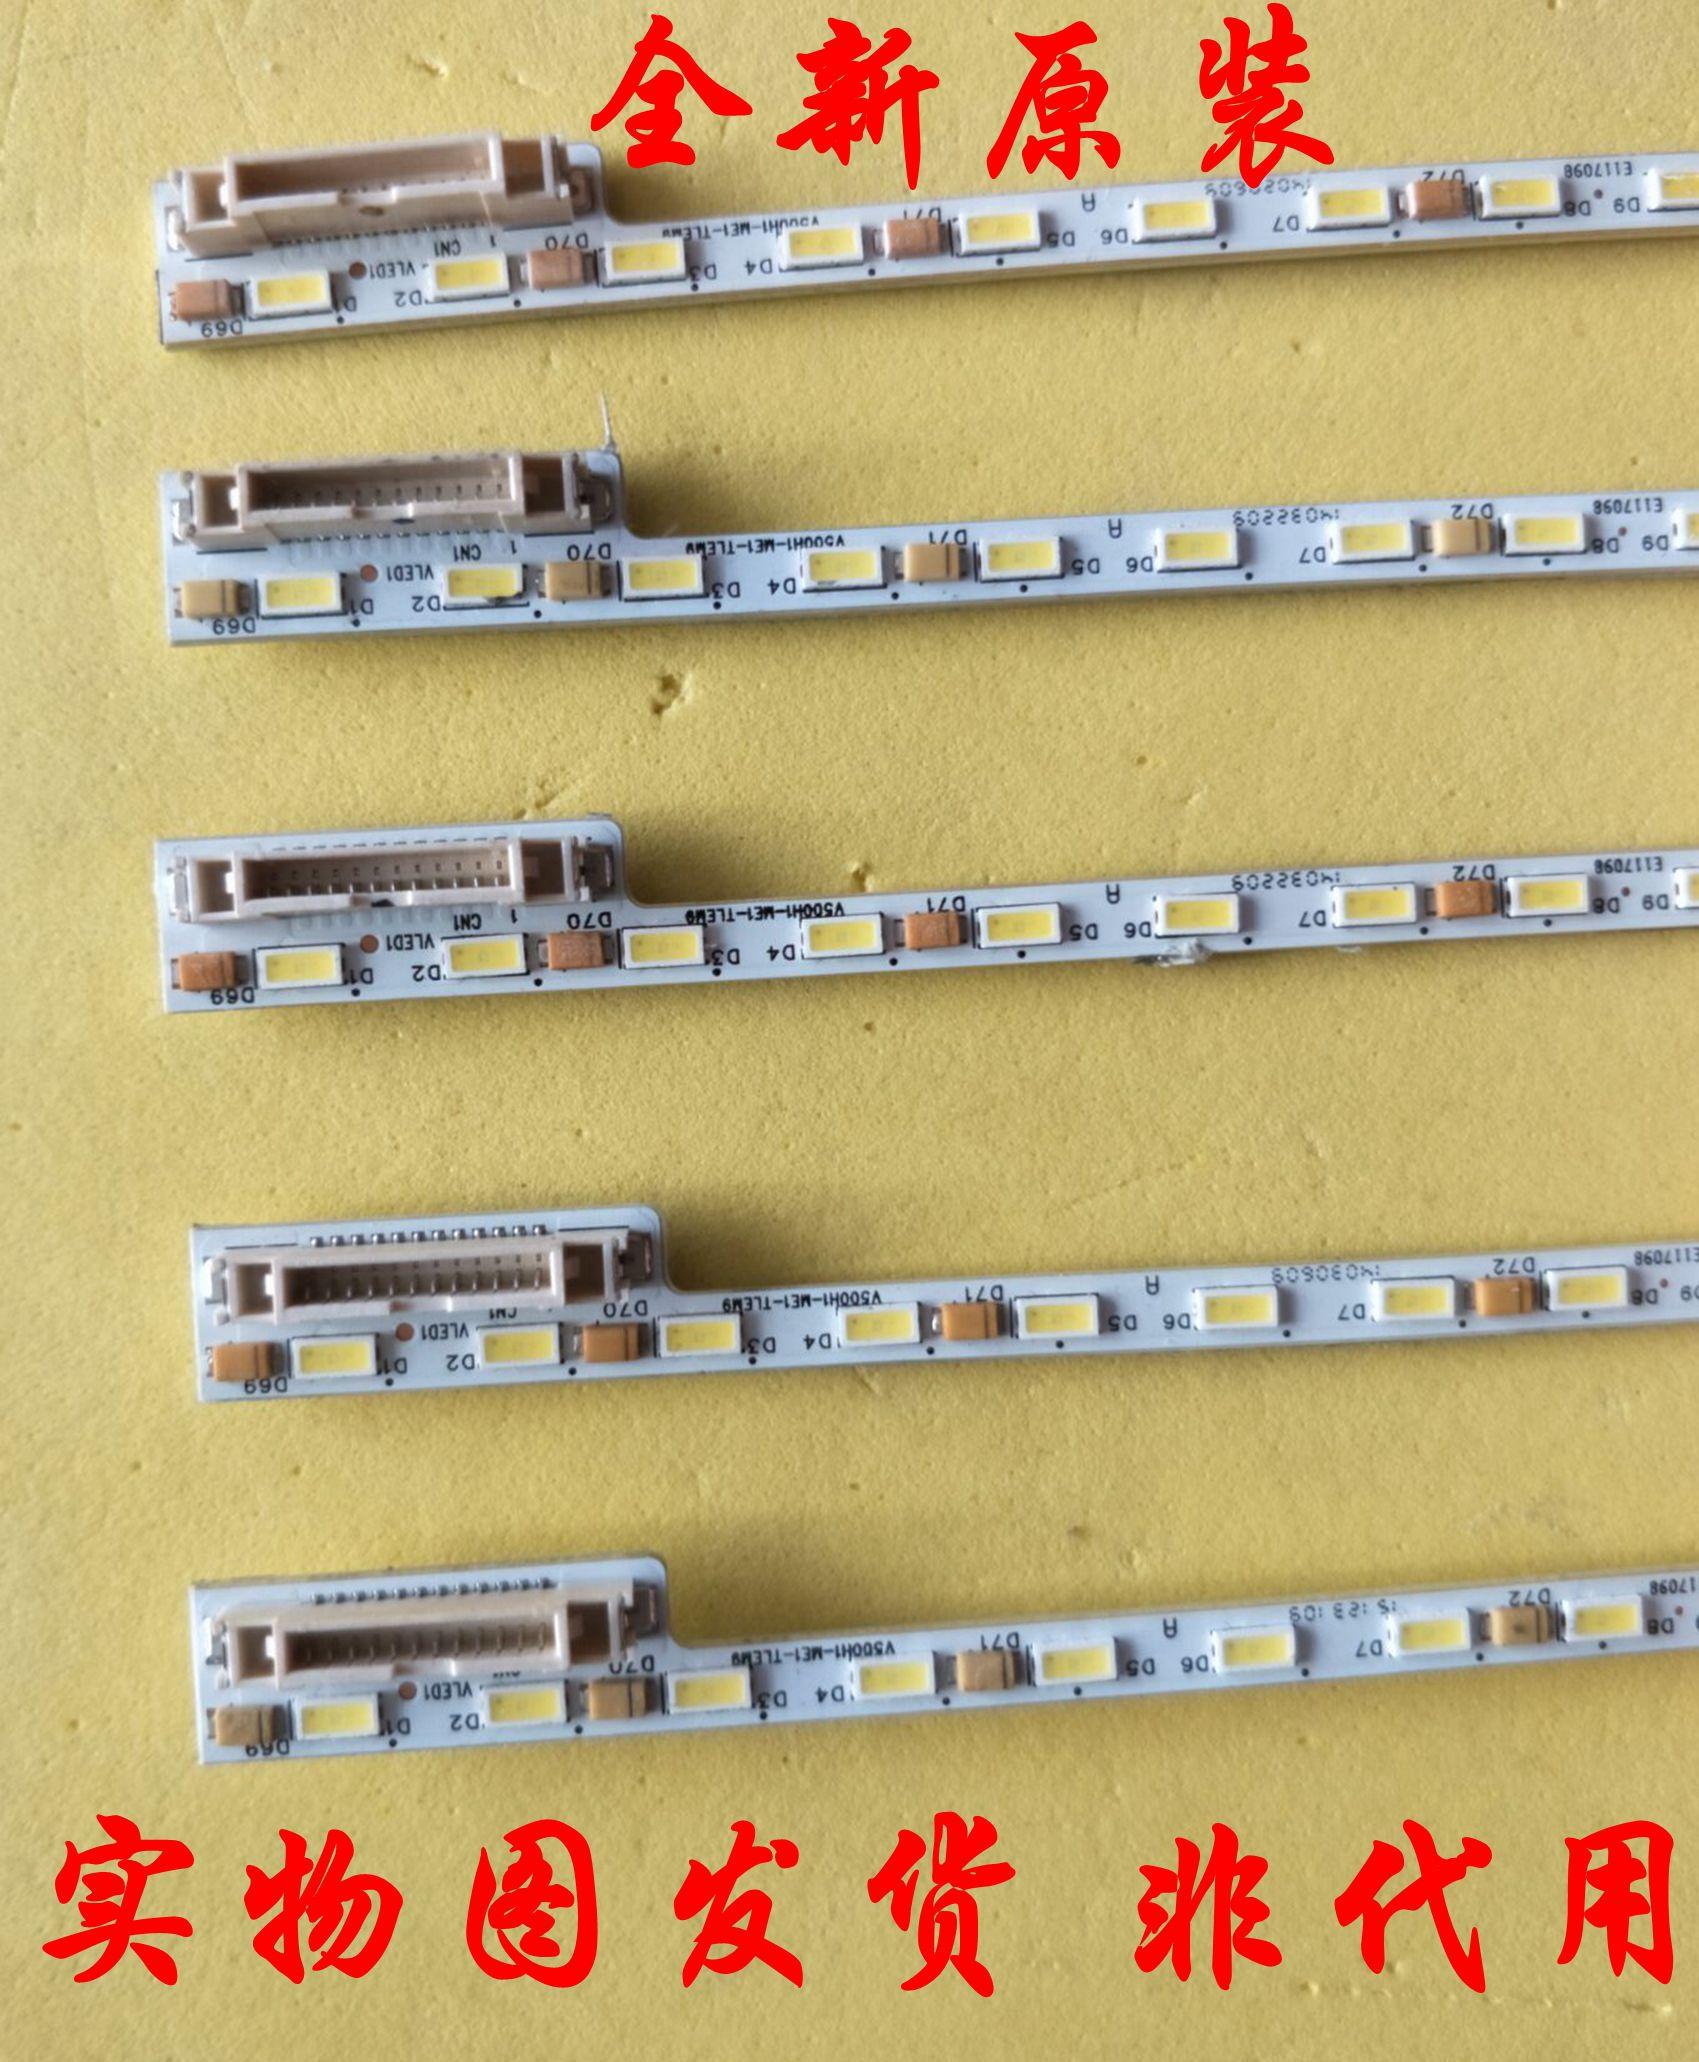 全新TCL L50F3700A 50E510E灯条V500H1-ME1-TLEM9屏V500HJ1-ME